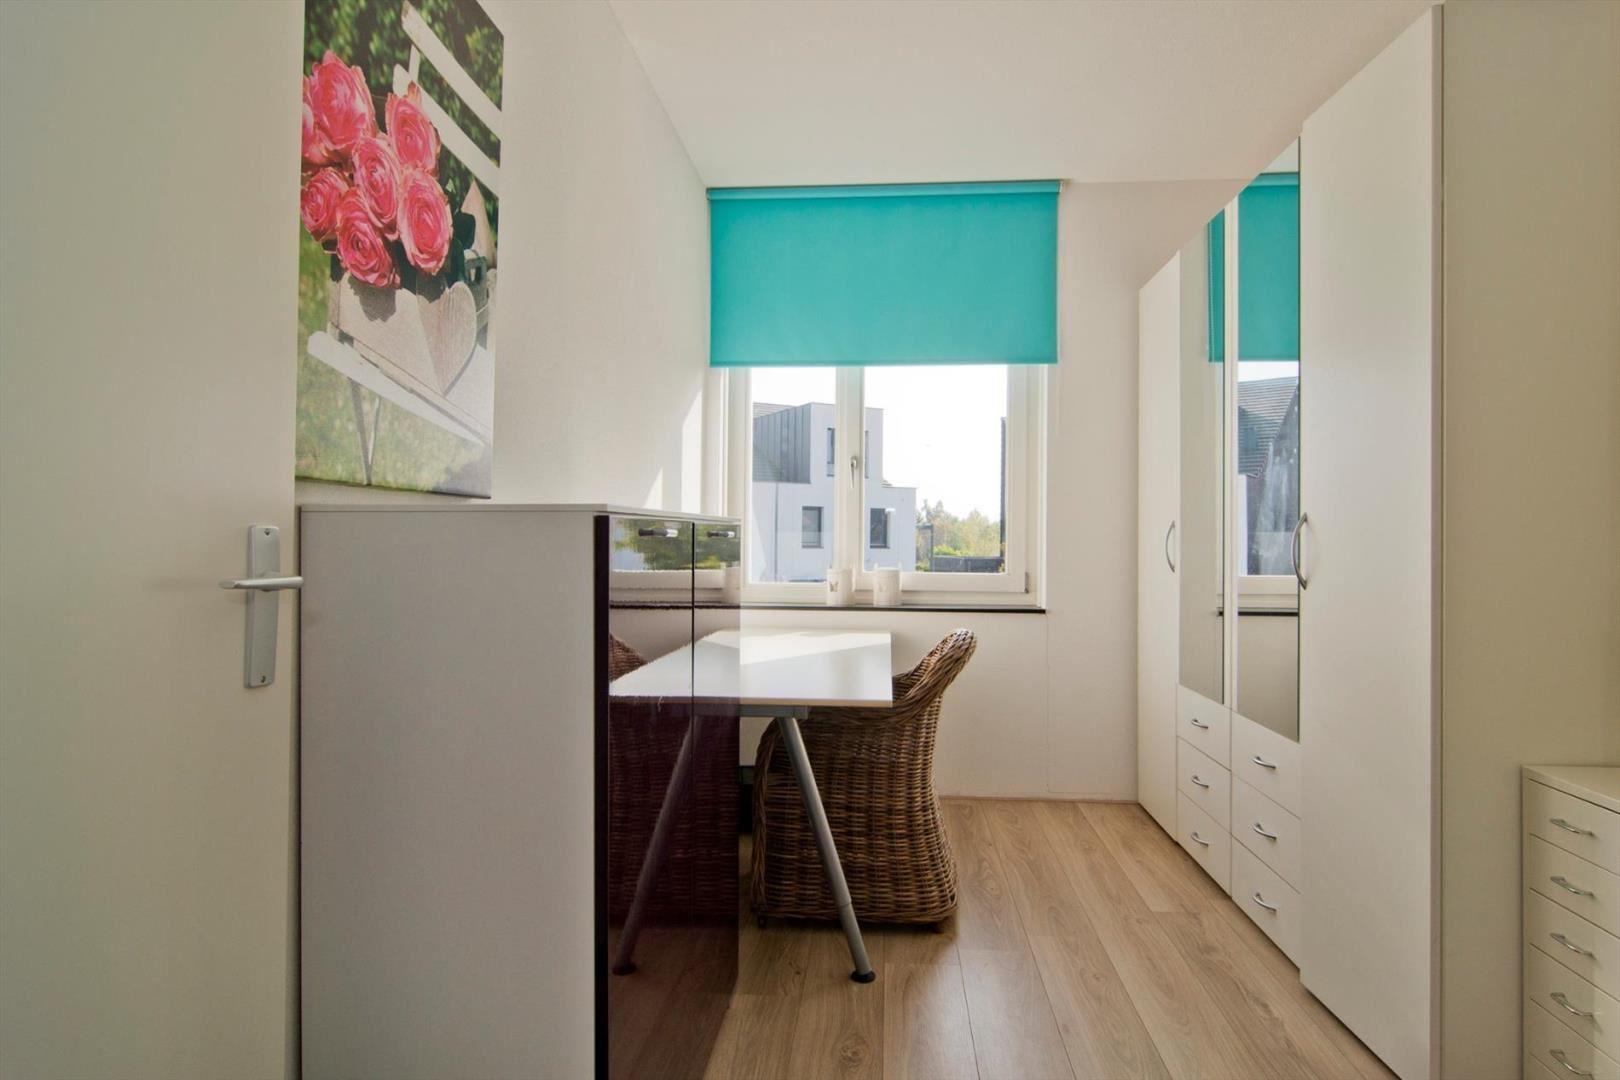 Spiegelverlichting in de badkamer inspirerende voorbeelden